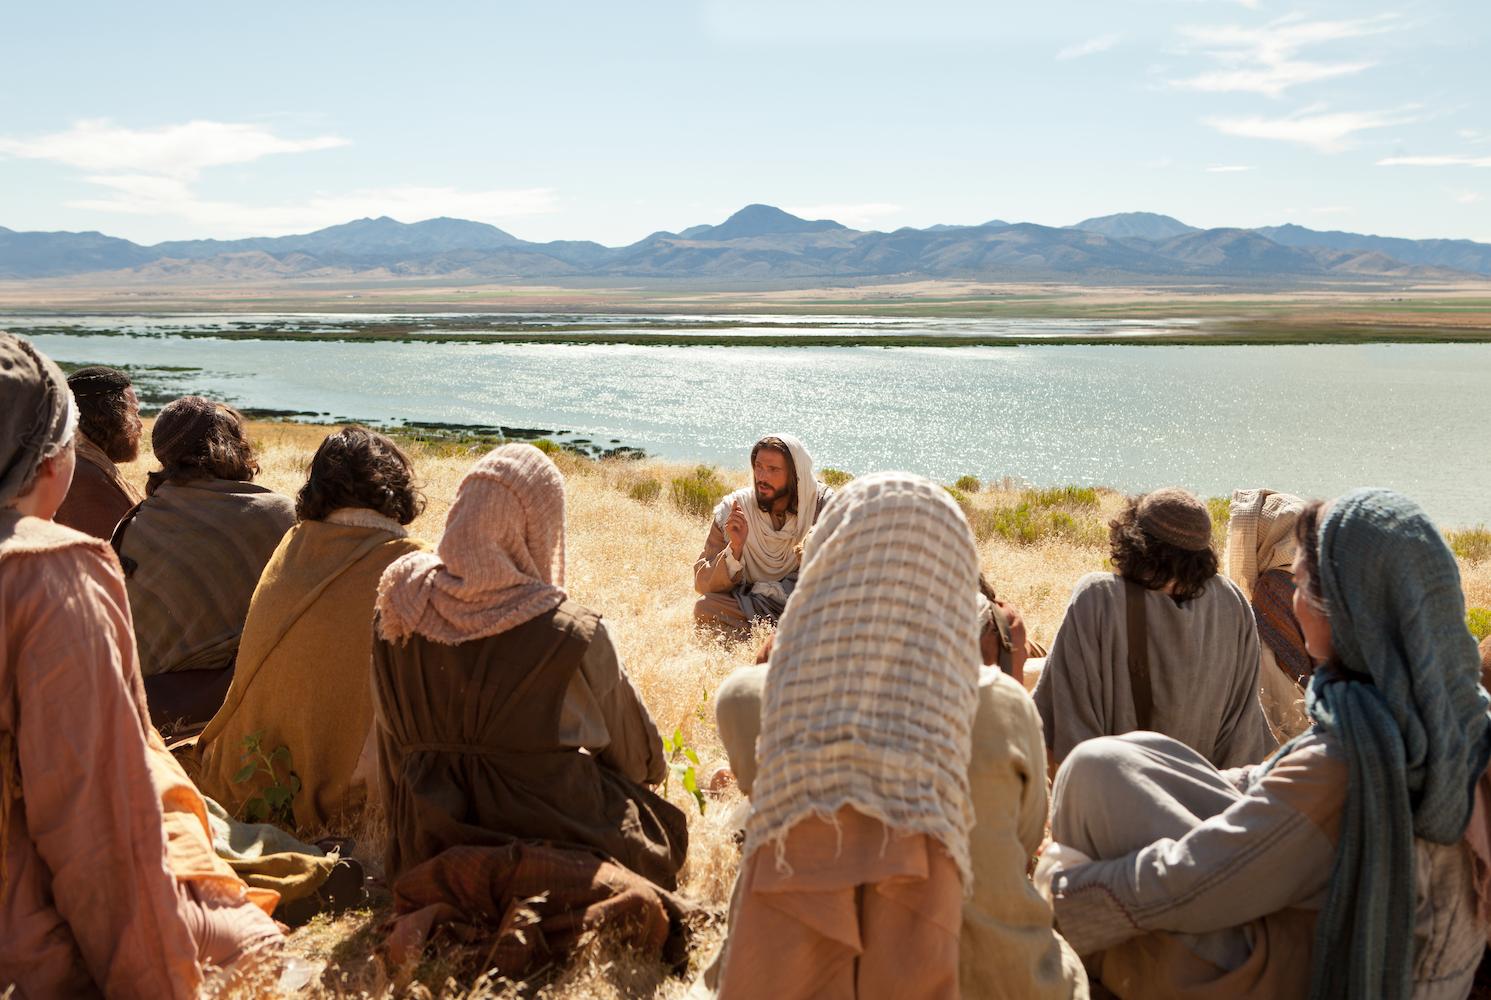 Jesus Christ Sermon on the Mount